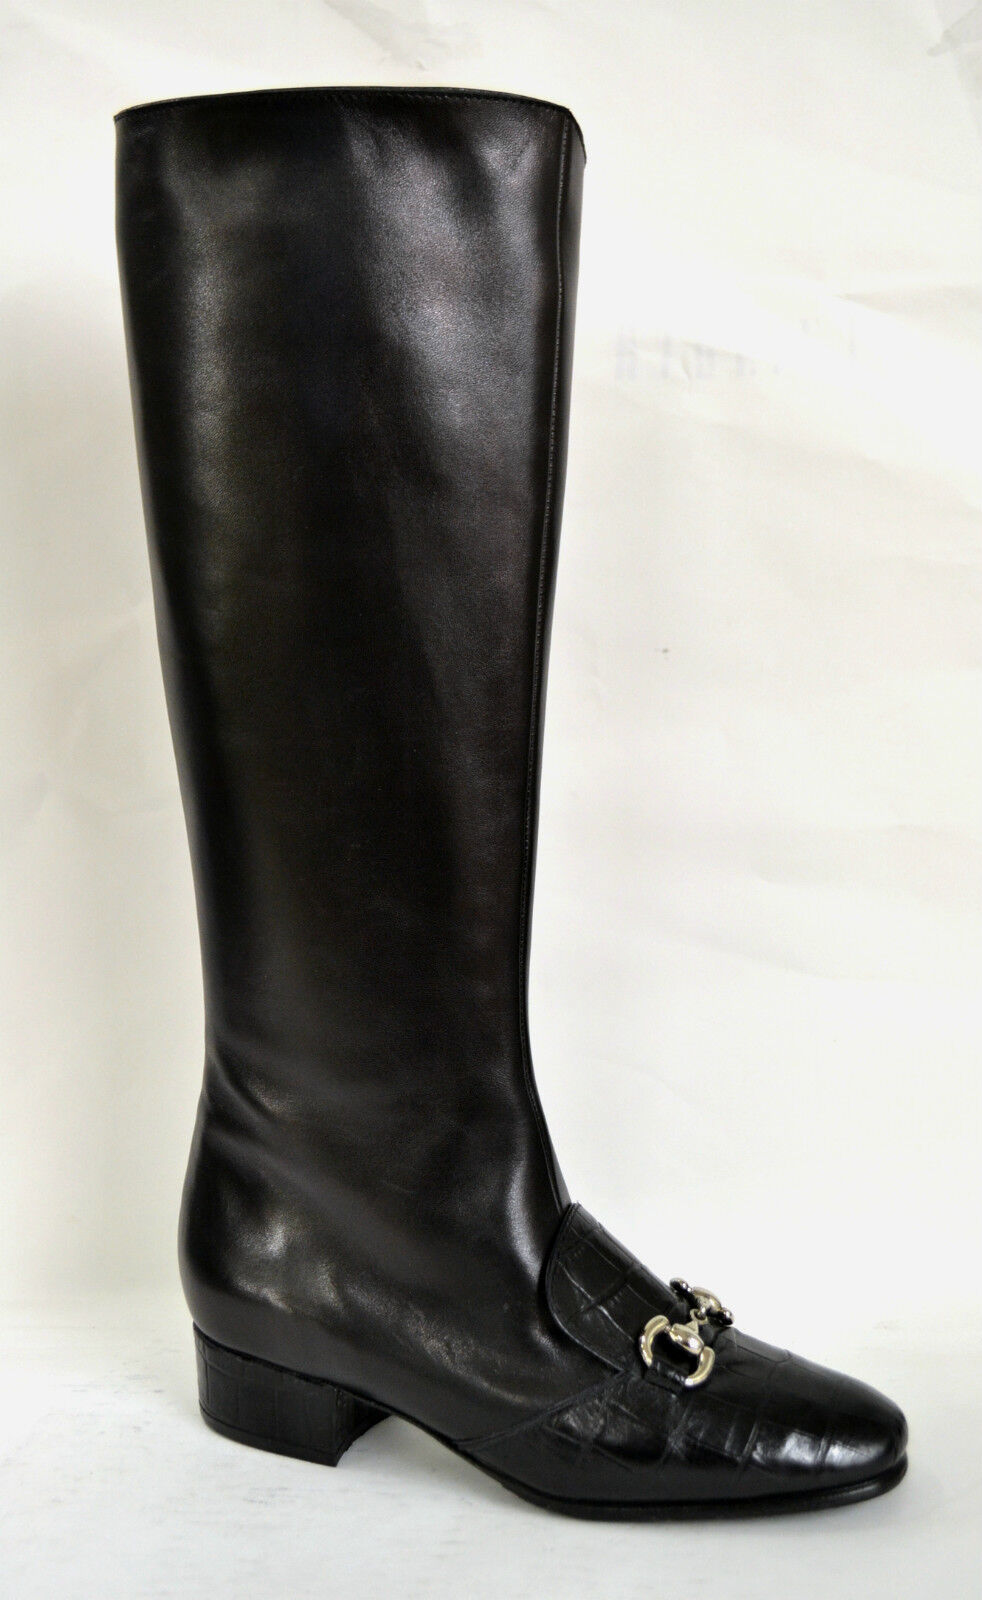 Grandes zapatos con descuento STIVALI DONNA NAPPA NERO VERA PELLE MADE IN ITALY PERSONALIZZABILI SU MISURA